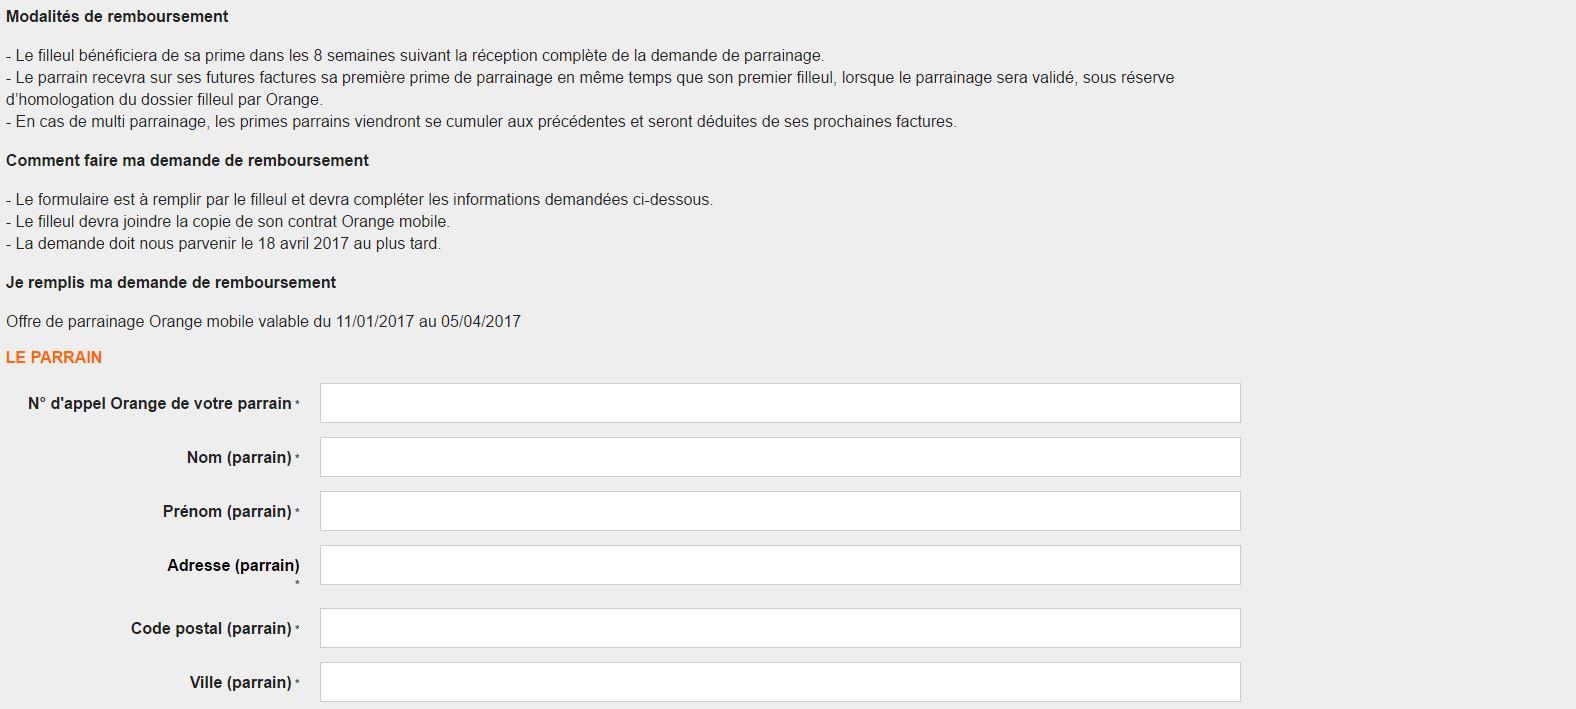 Nouvelle formulaire de remboursement en ligne Orange Mobile.JPG 2.JPG